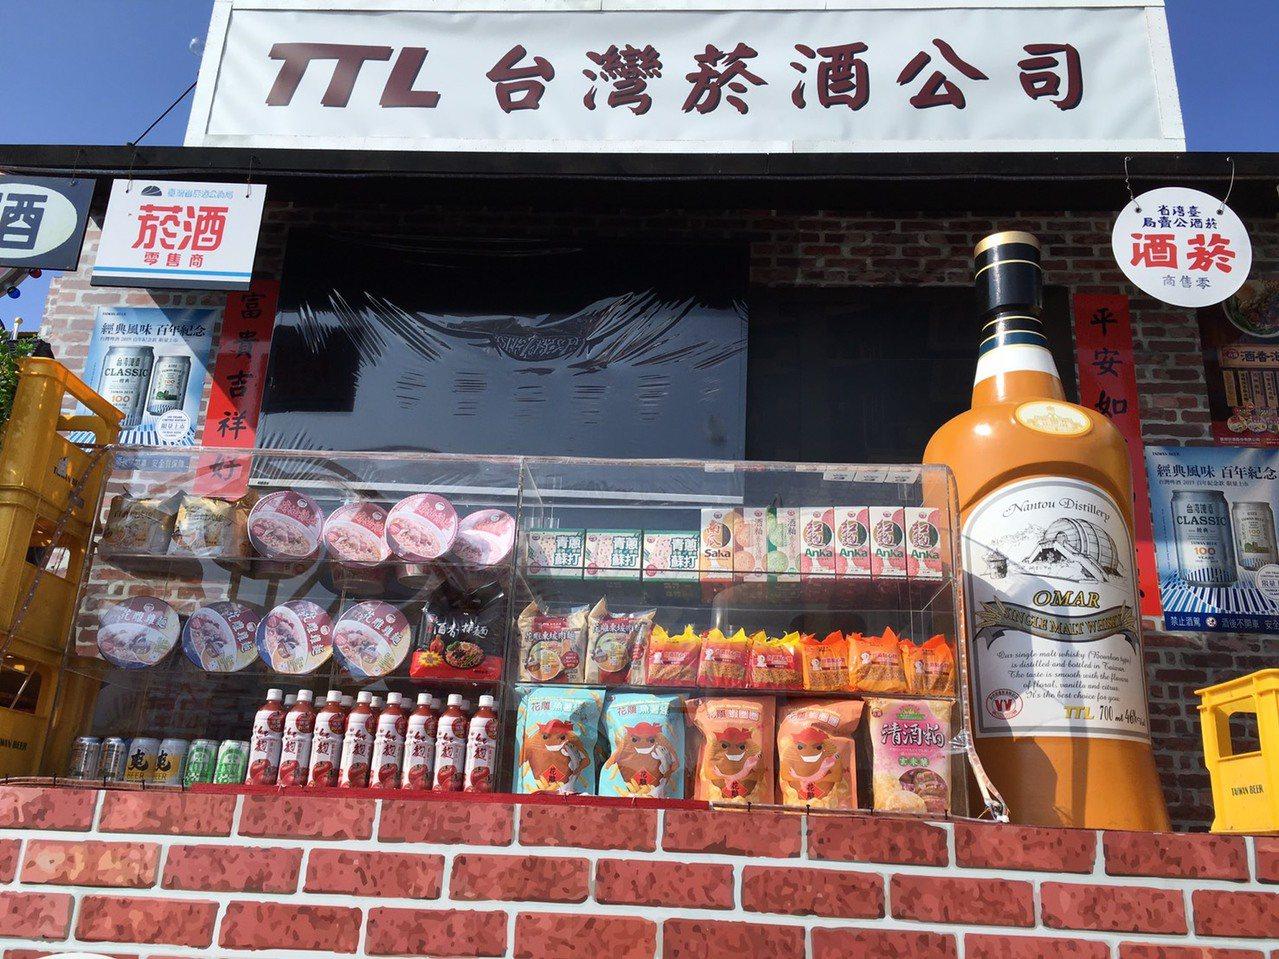 台灣菸酒公司花車上面擺設自家熱銷品,遊行順便打廣告。記者吳姿賢/攝影